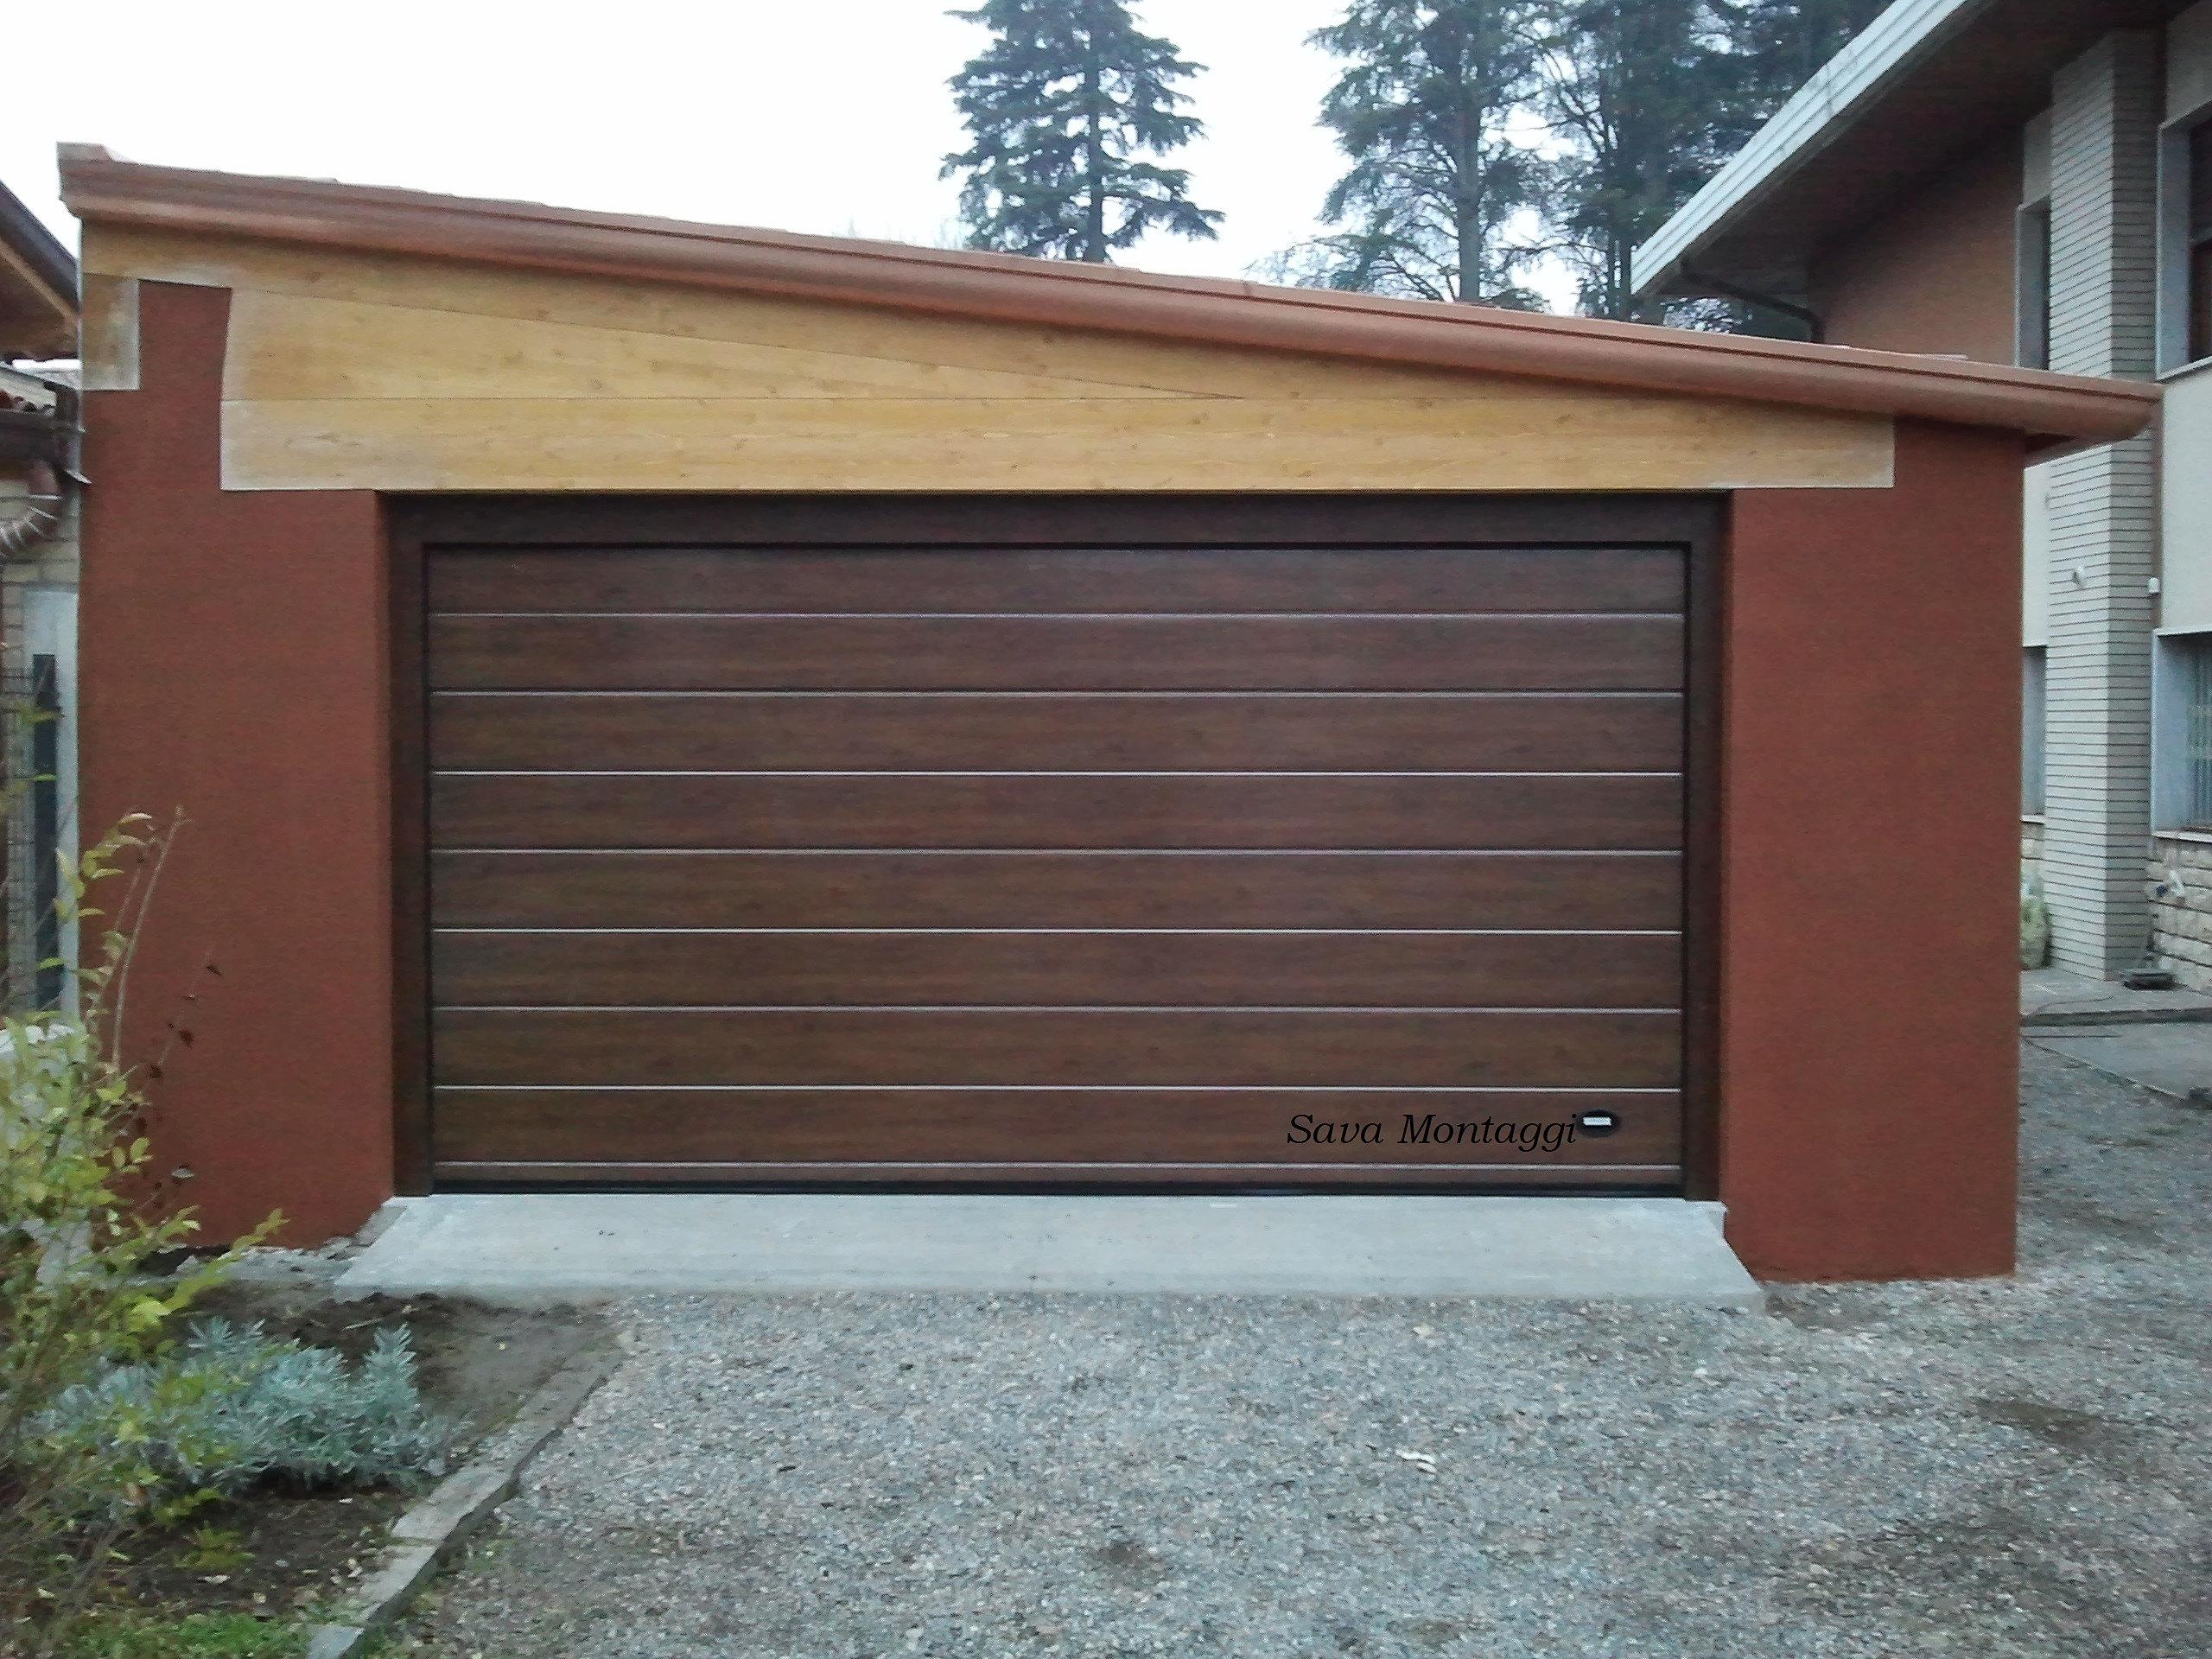 Portoni in legno per garage gd58 regardsdefemmes for Idee aggiuntive di garage allegato